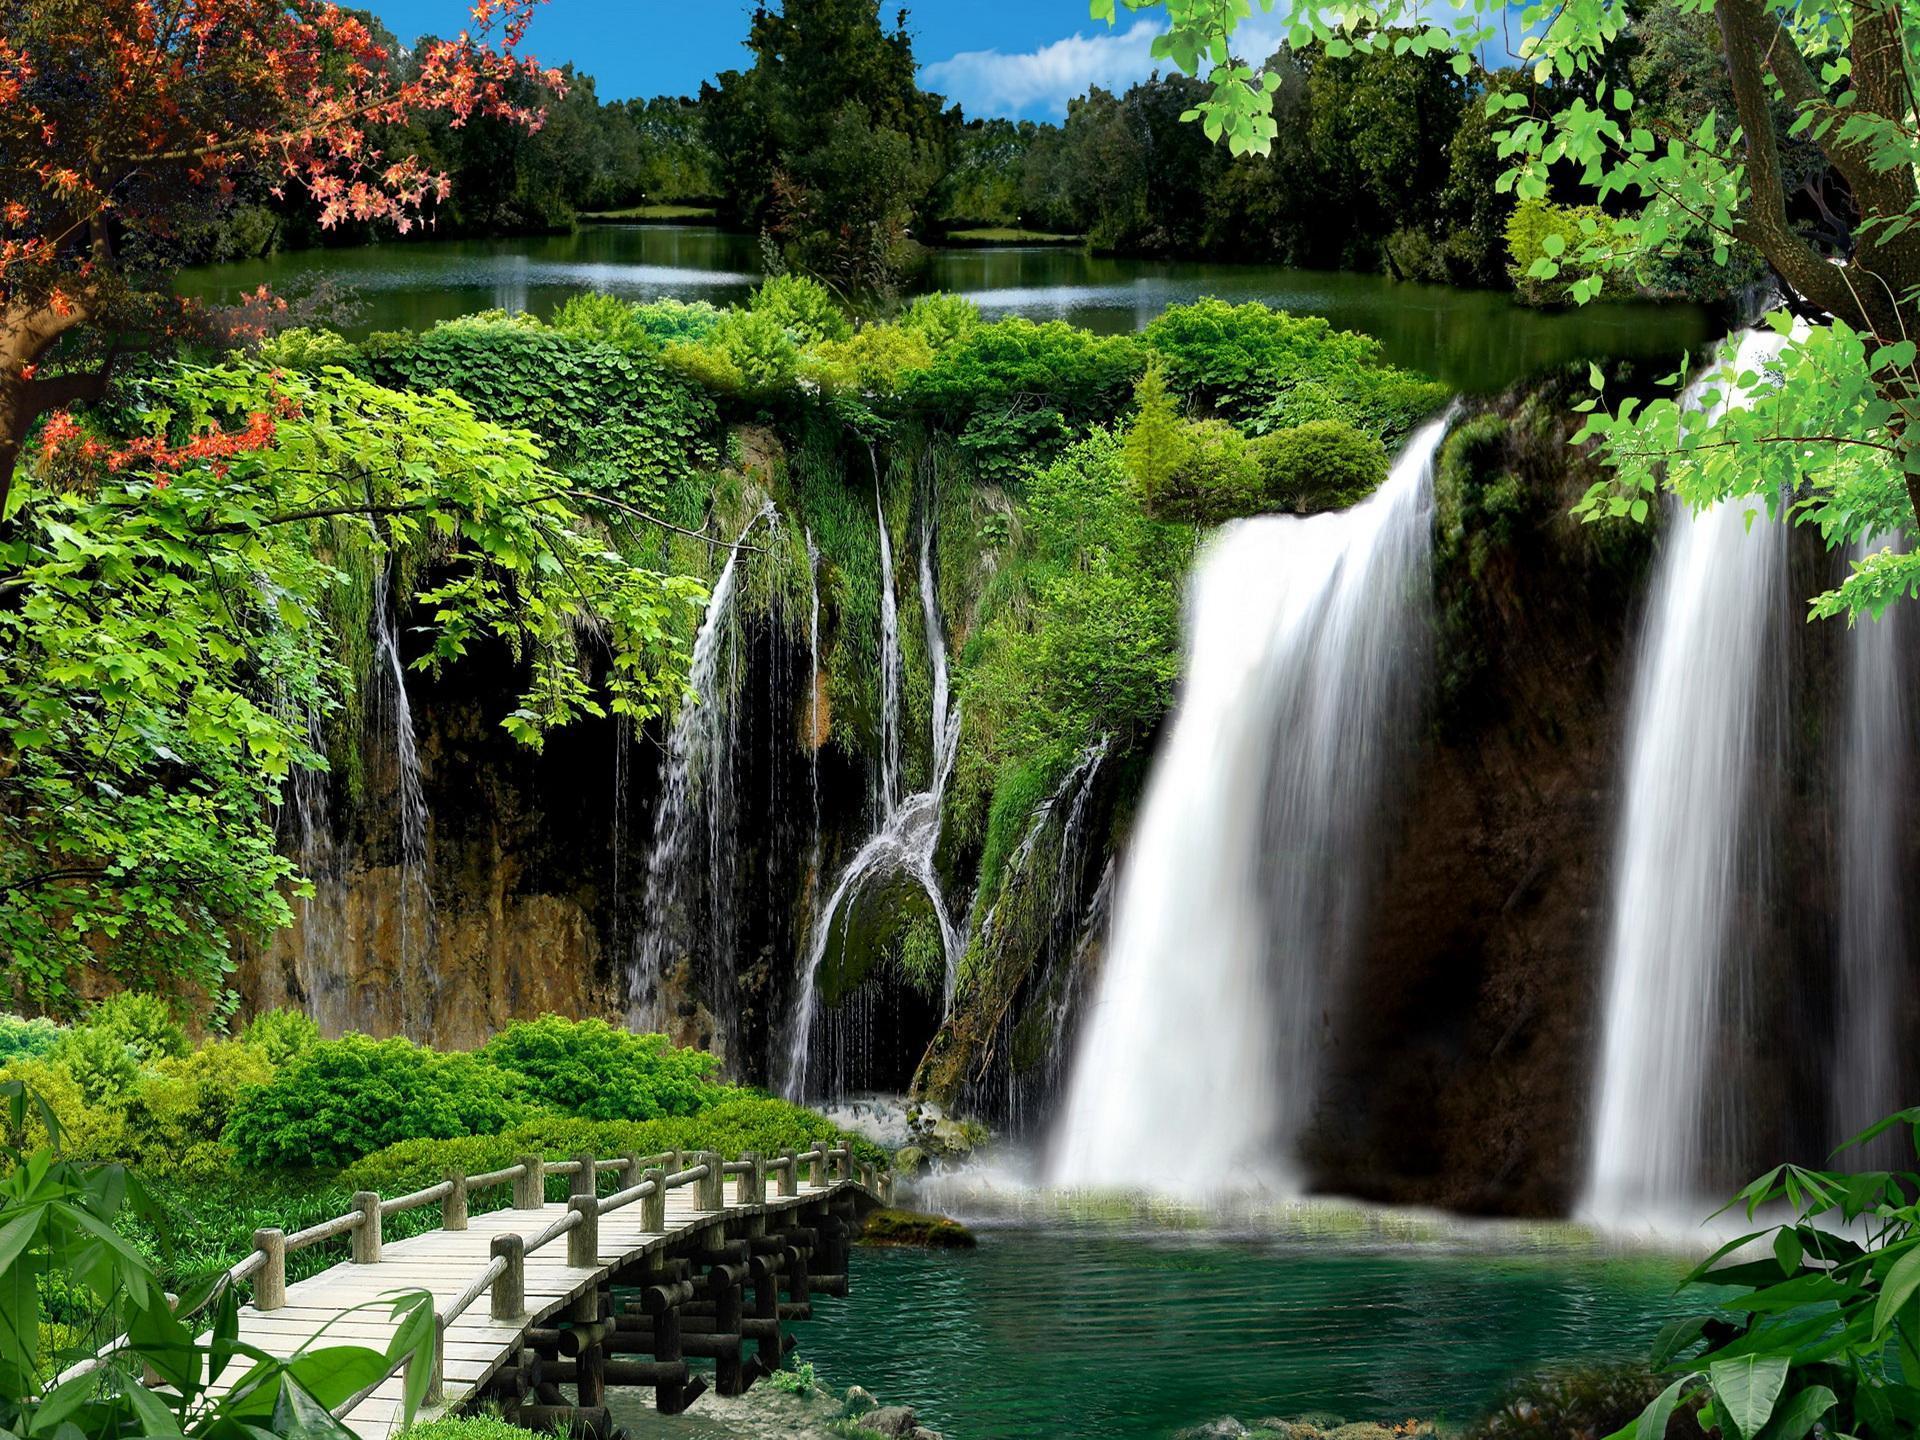 Wallpaper Desktop Girl Falling Garden Waterfall Hd Desktop Wallpaper Widescreen High